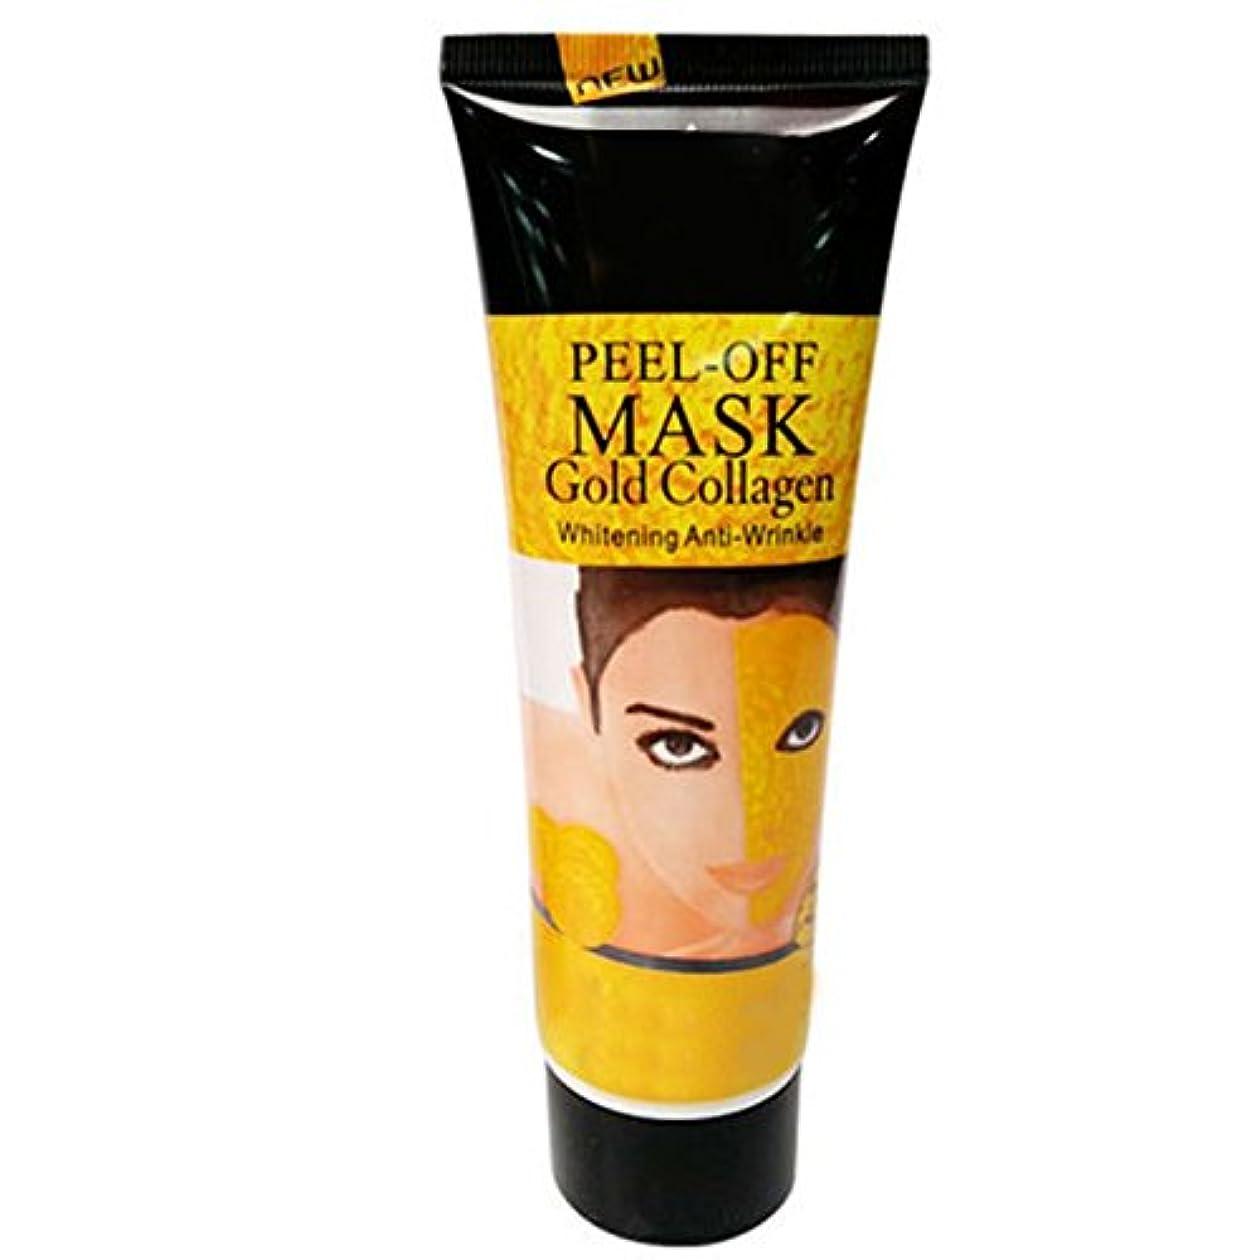 ためらう大政治的Funwill 24Kゴールドマスク ゴールドコラーゲンパック アンチエイジングパック スキンケアマスク しわ、黒ずみ、しみなどを除き たるみ肌改善 くすみ改善 しっかりしている肌に戻る